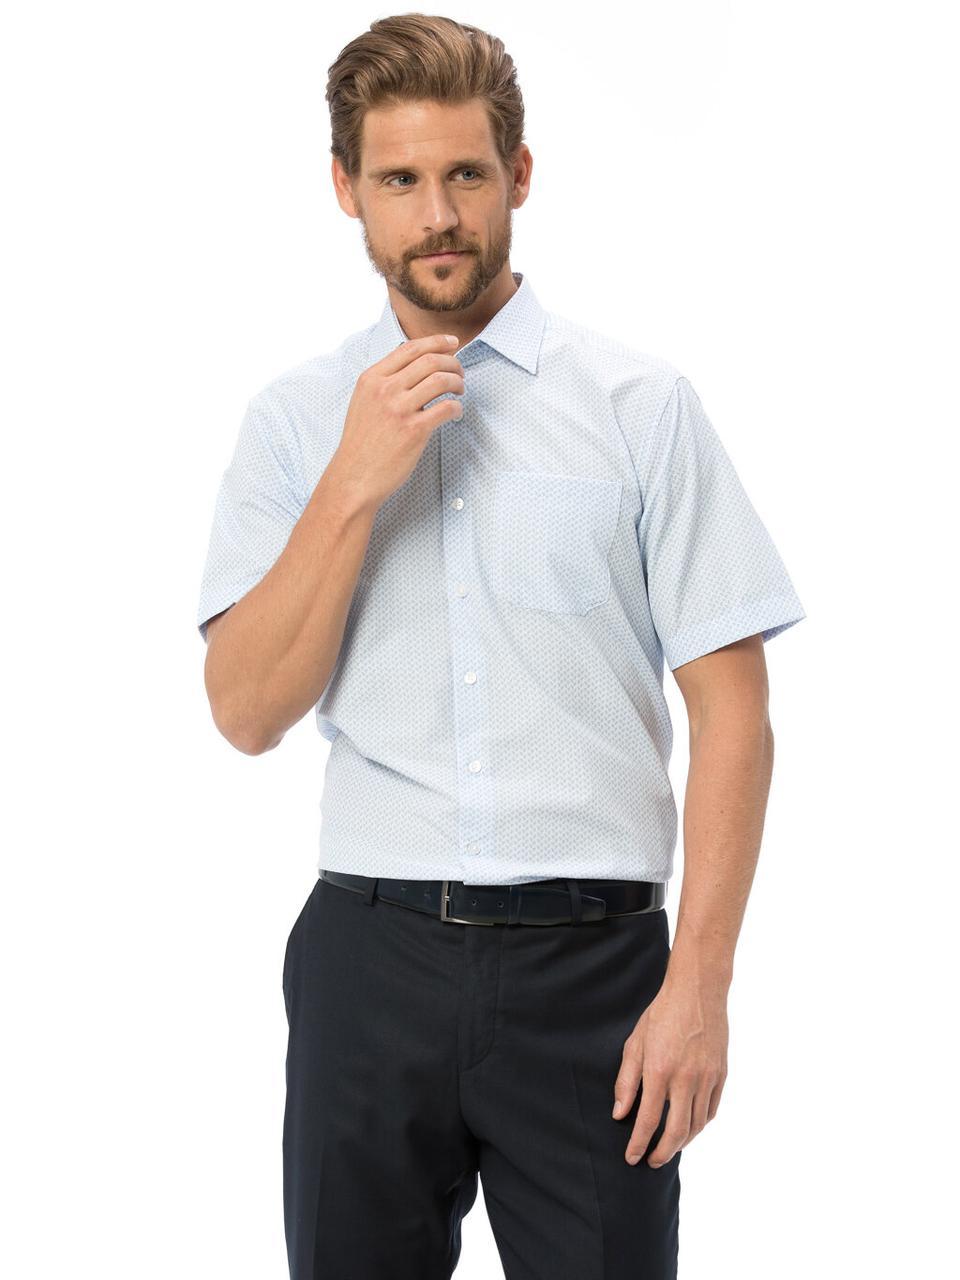 Белая мужская рубашка LC Waikiki / ЛС Вайкики с карманом на груди, с голубым принтом